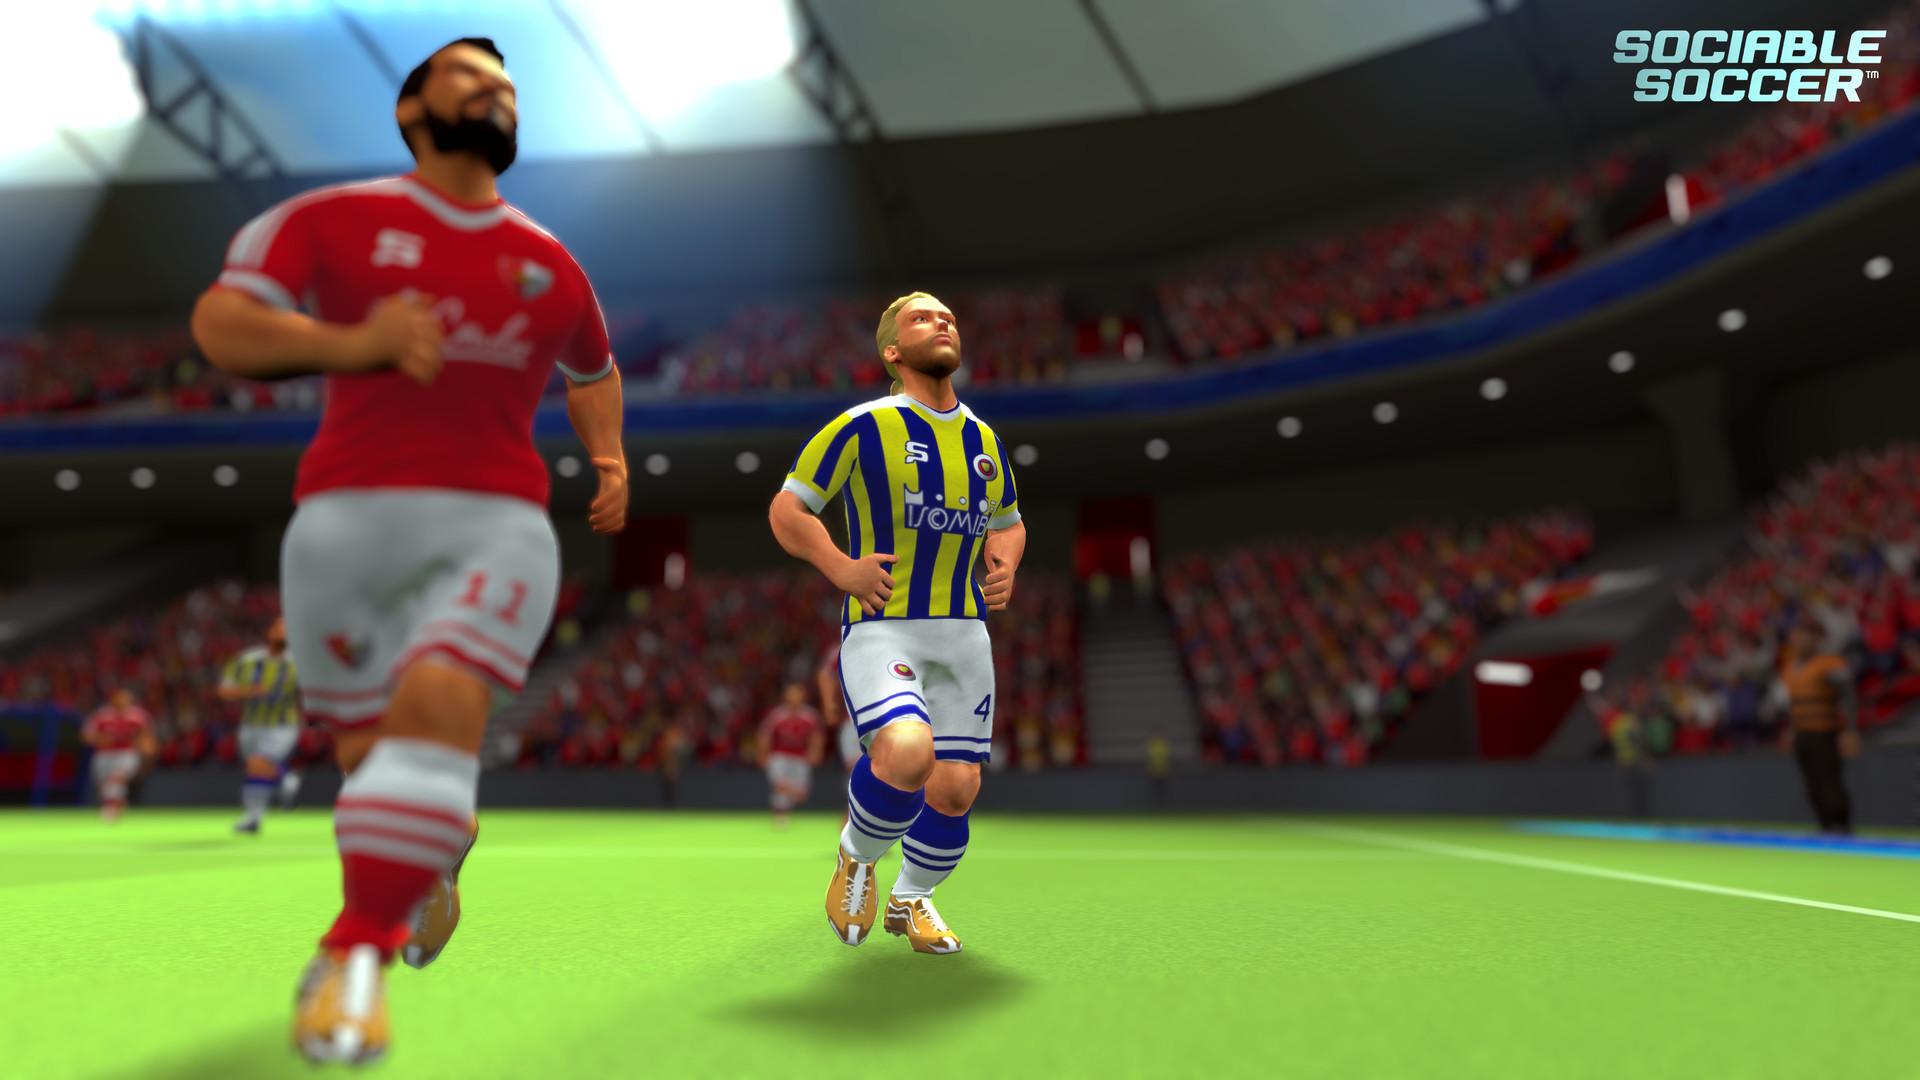 Mega Soccer Sports Head Wwwmiifotoscom